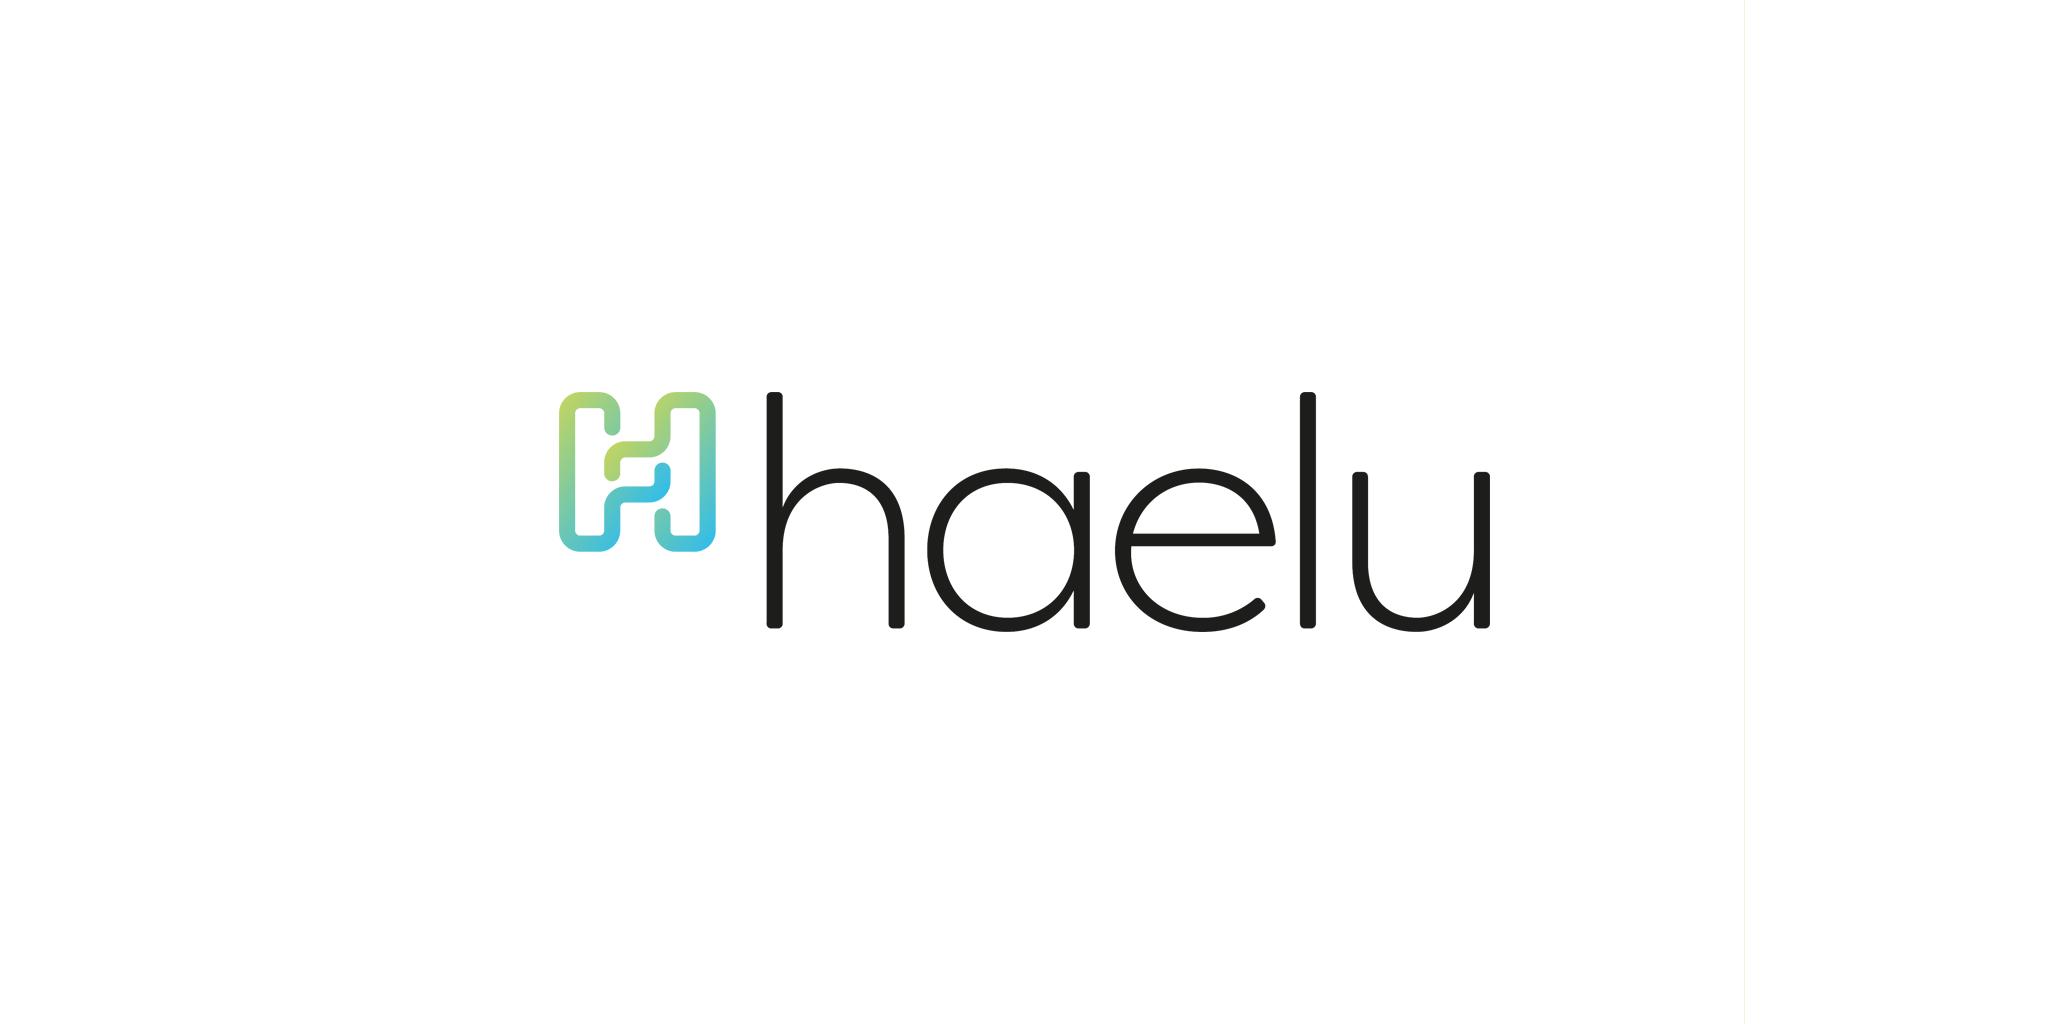 haelu logo